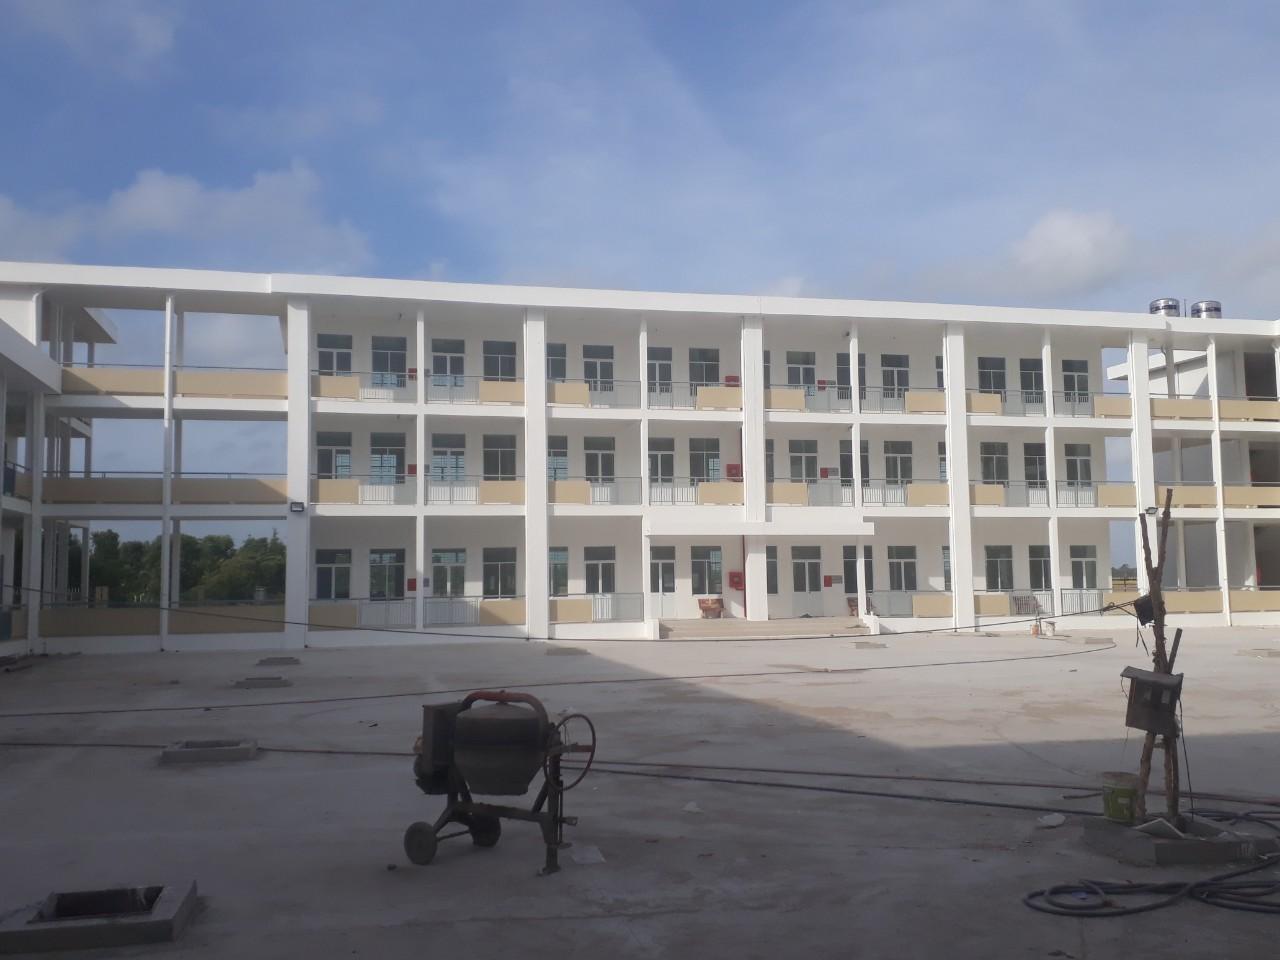 Trường THPT LÊN VĂN TÁM ĐANG HOÀN THIỆN DẦN HẠNG MỤC THI CÔNG